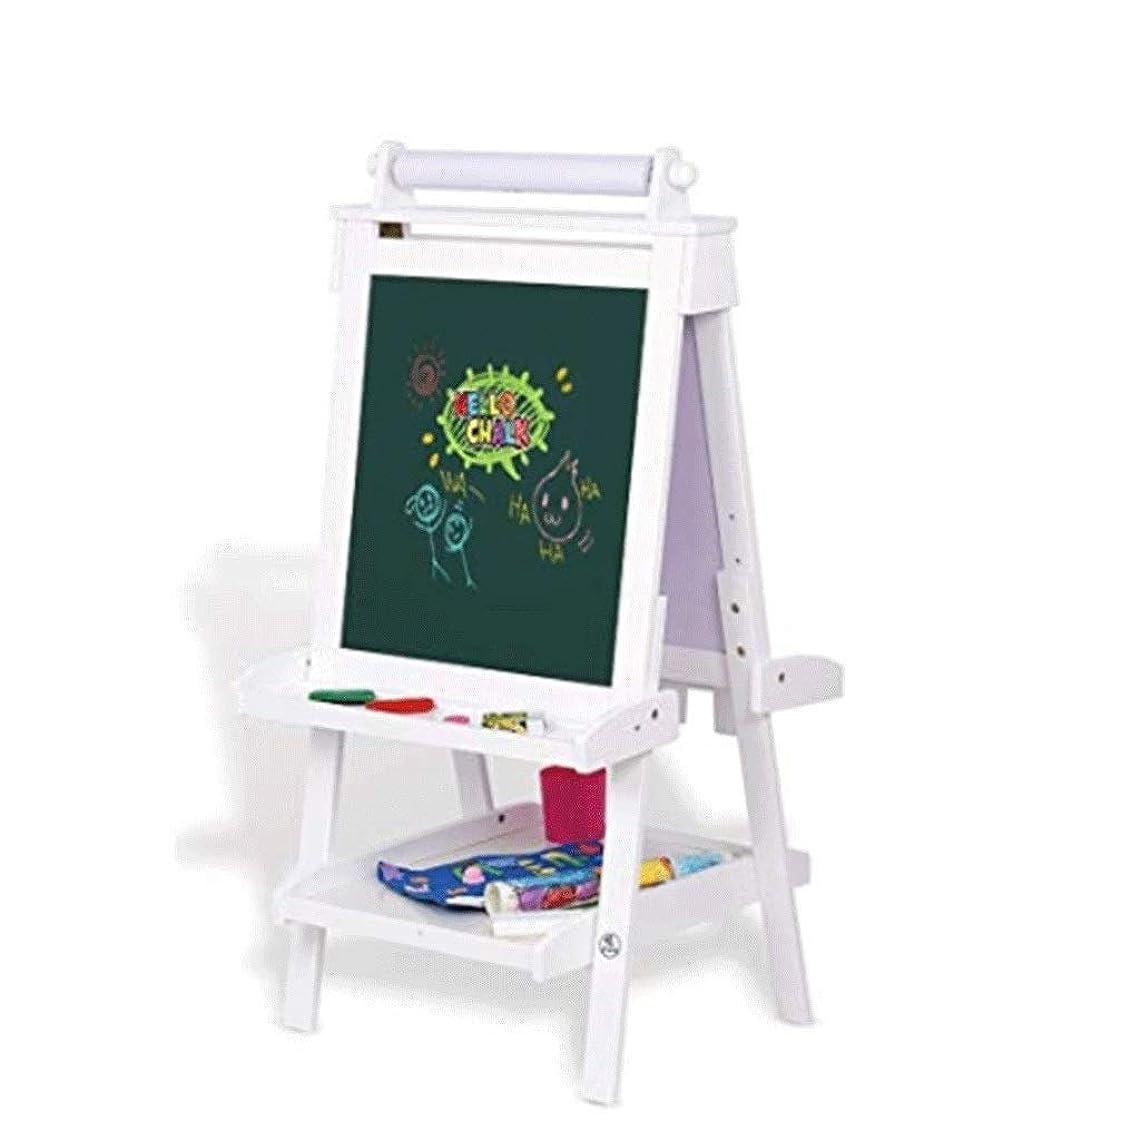 道を作るクリームアンテナイーゼルスタンド-アート 子供のイーゼル-両面磁気描画とライティングボードソリッドウッドリフターブルイーゼルダブル黒板 デスクトップ/床/図面およびディスプレイ用 YUAN MA (Color : A, Size : 640mm*1370mm)